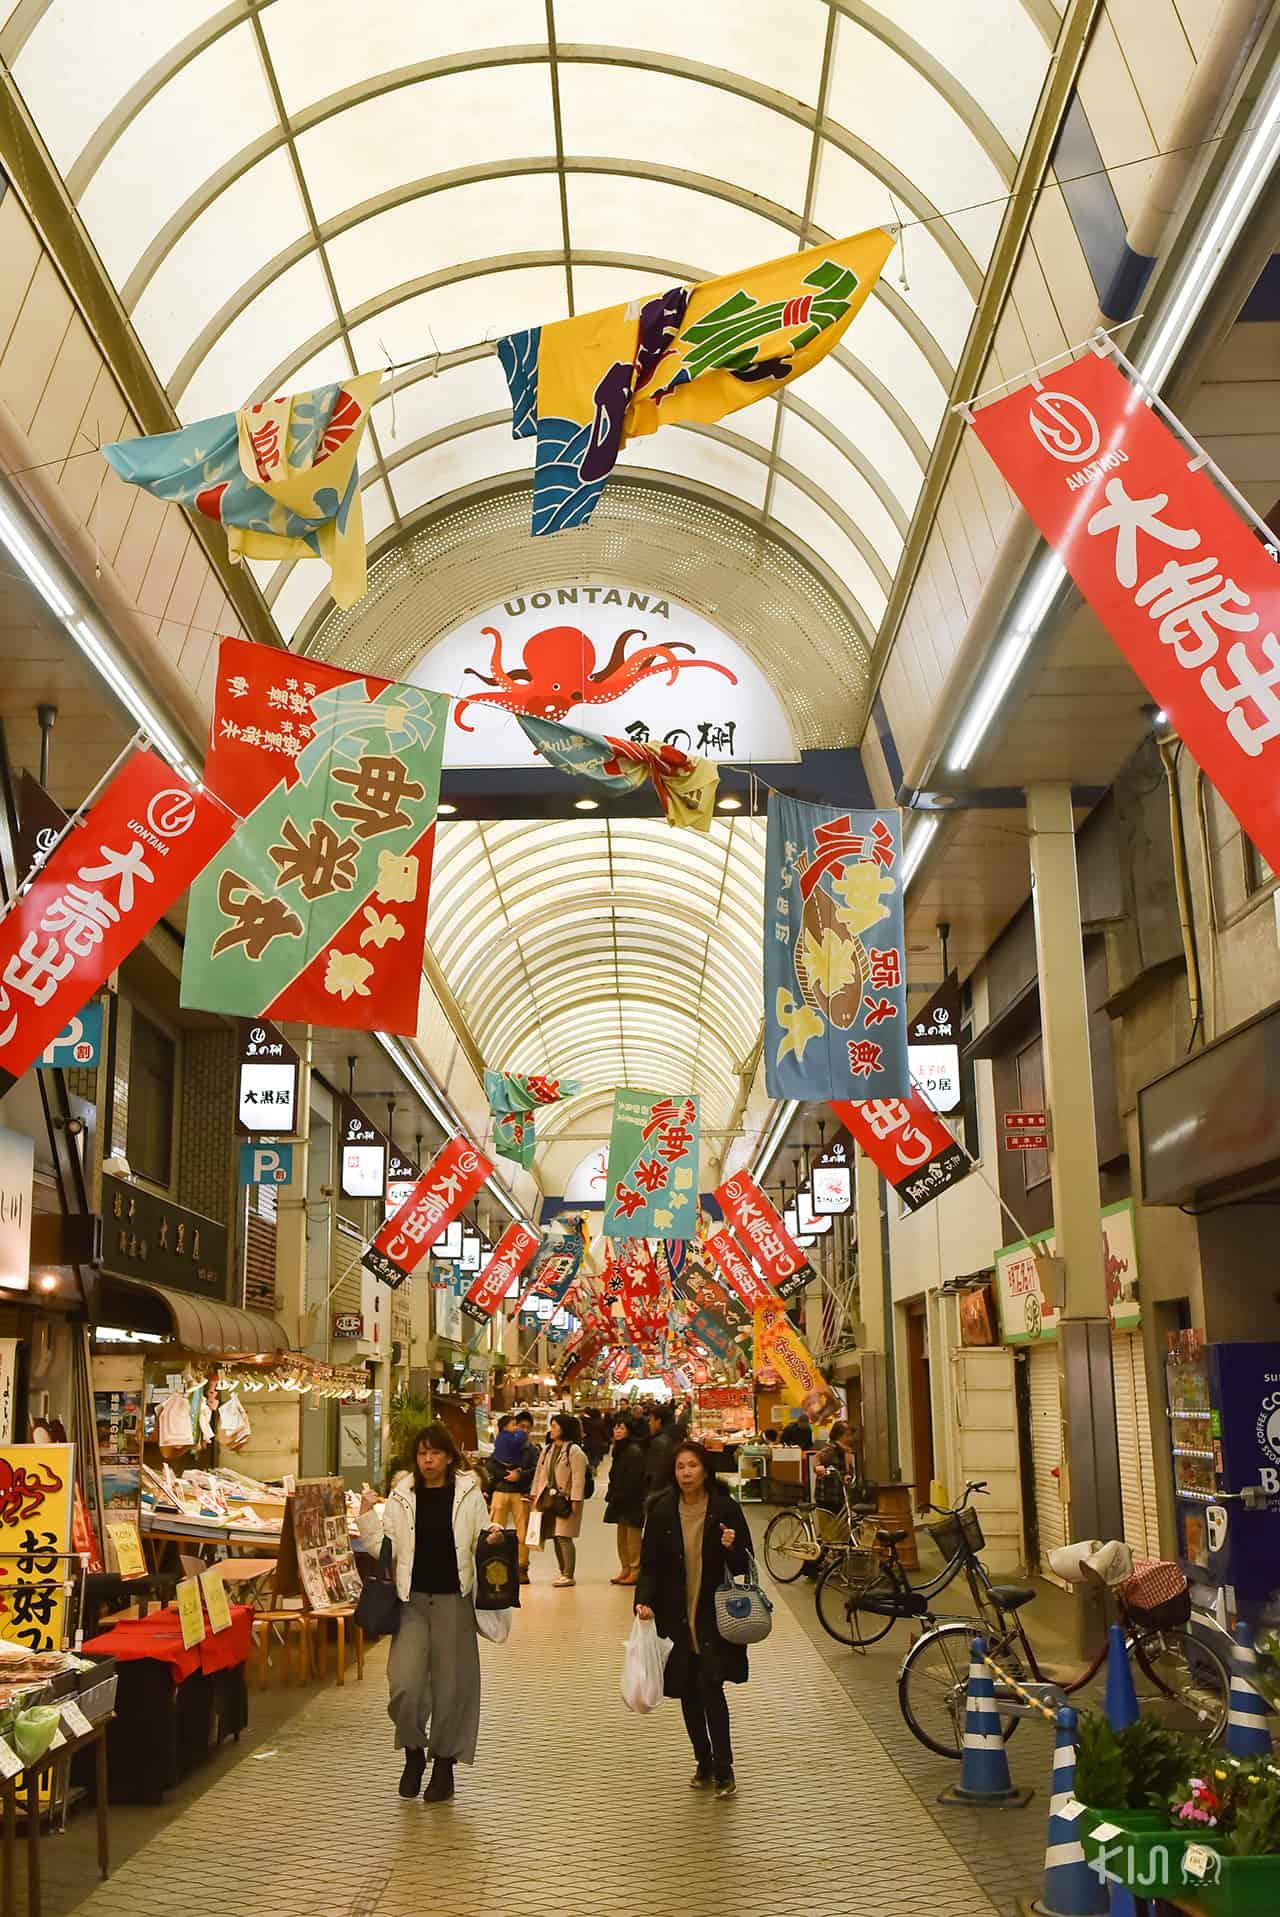 Uo no tana Fish Market 魚の棚 West Kobe